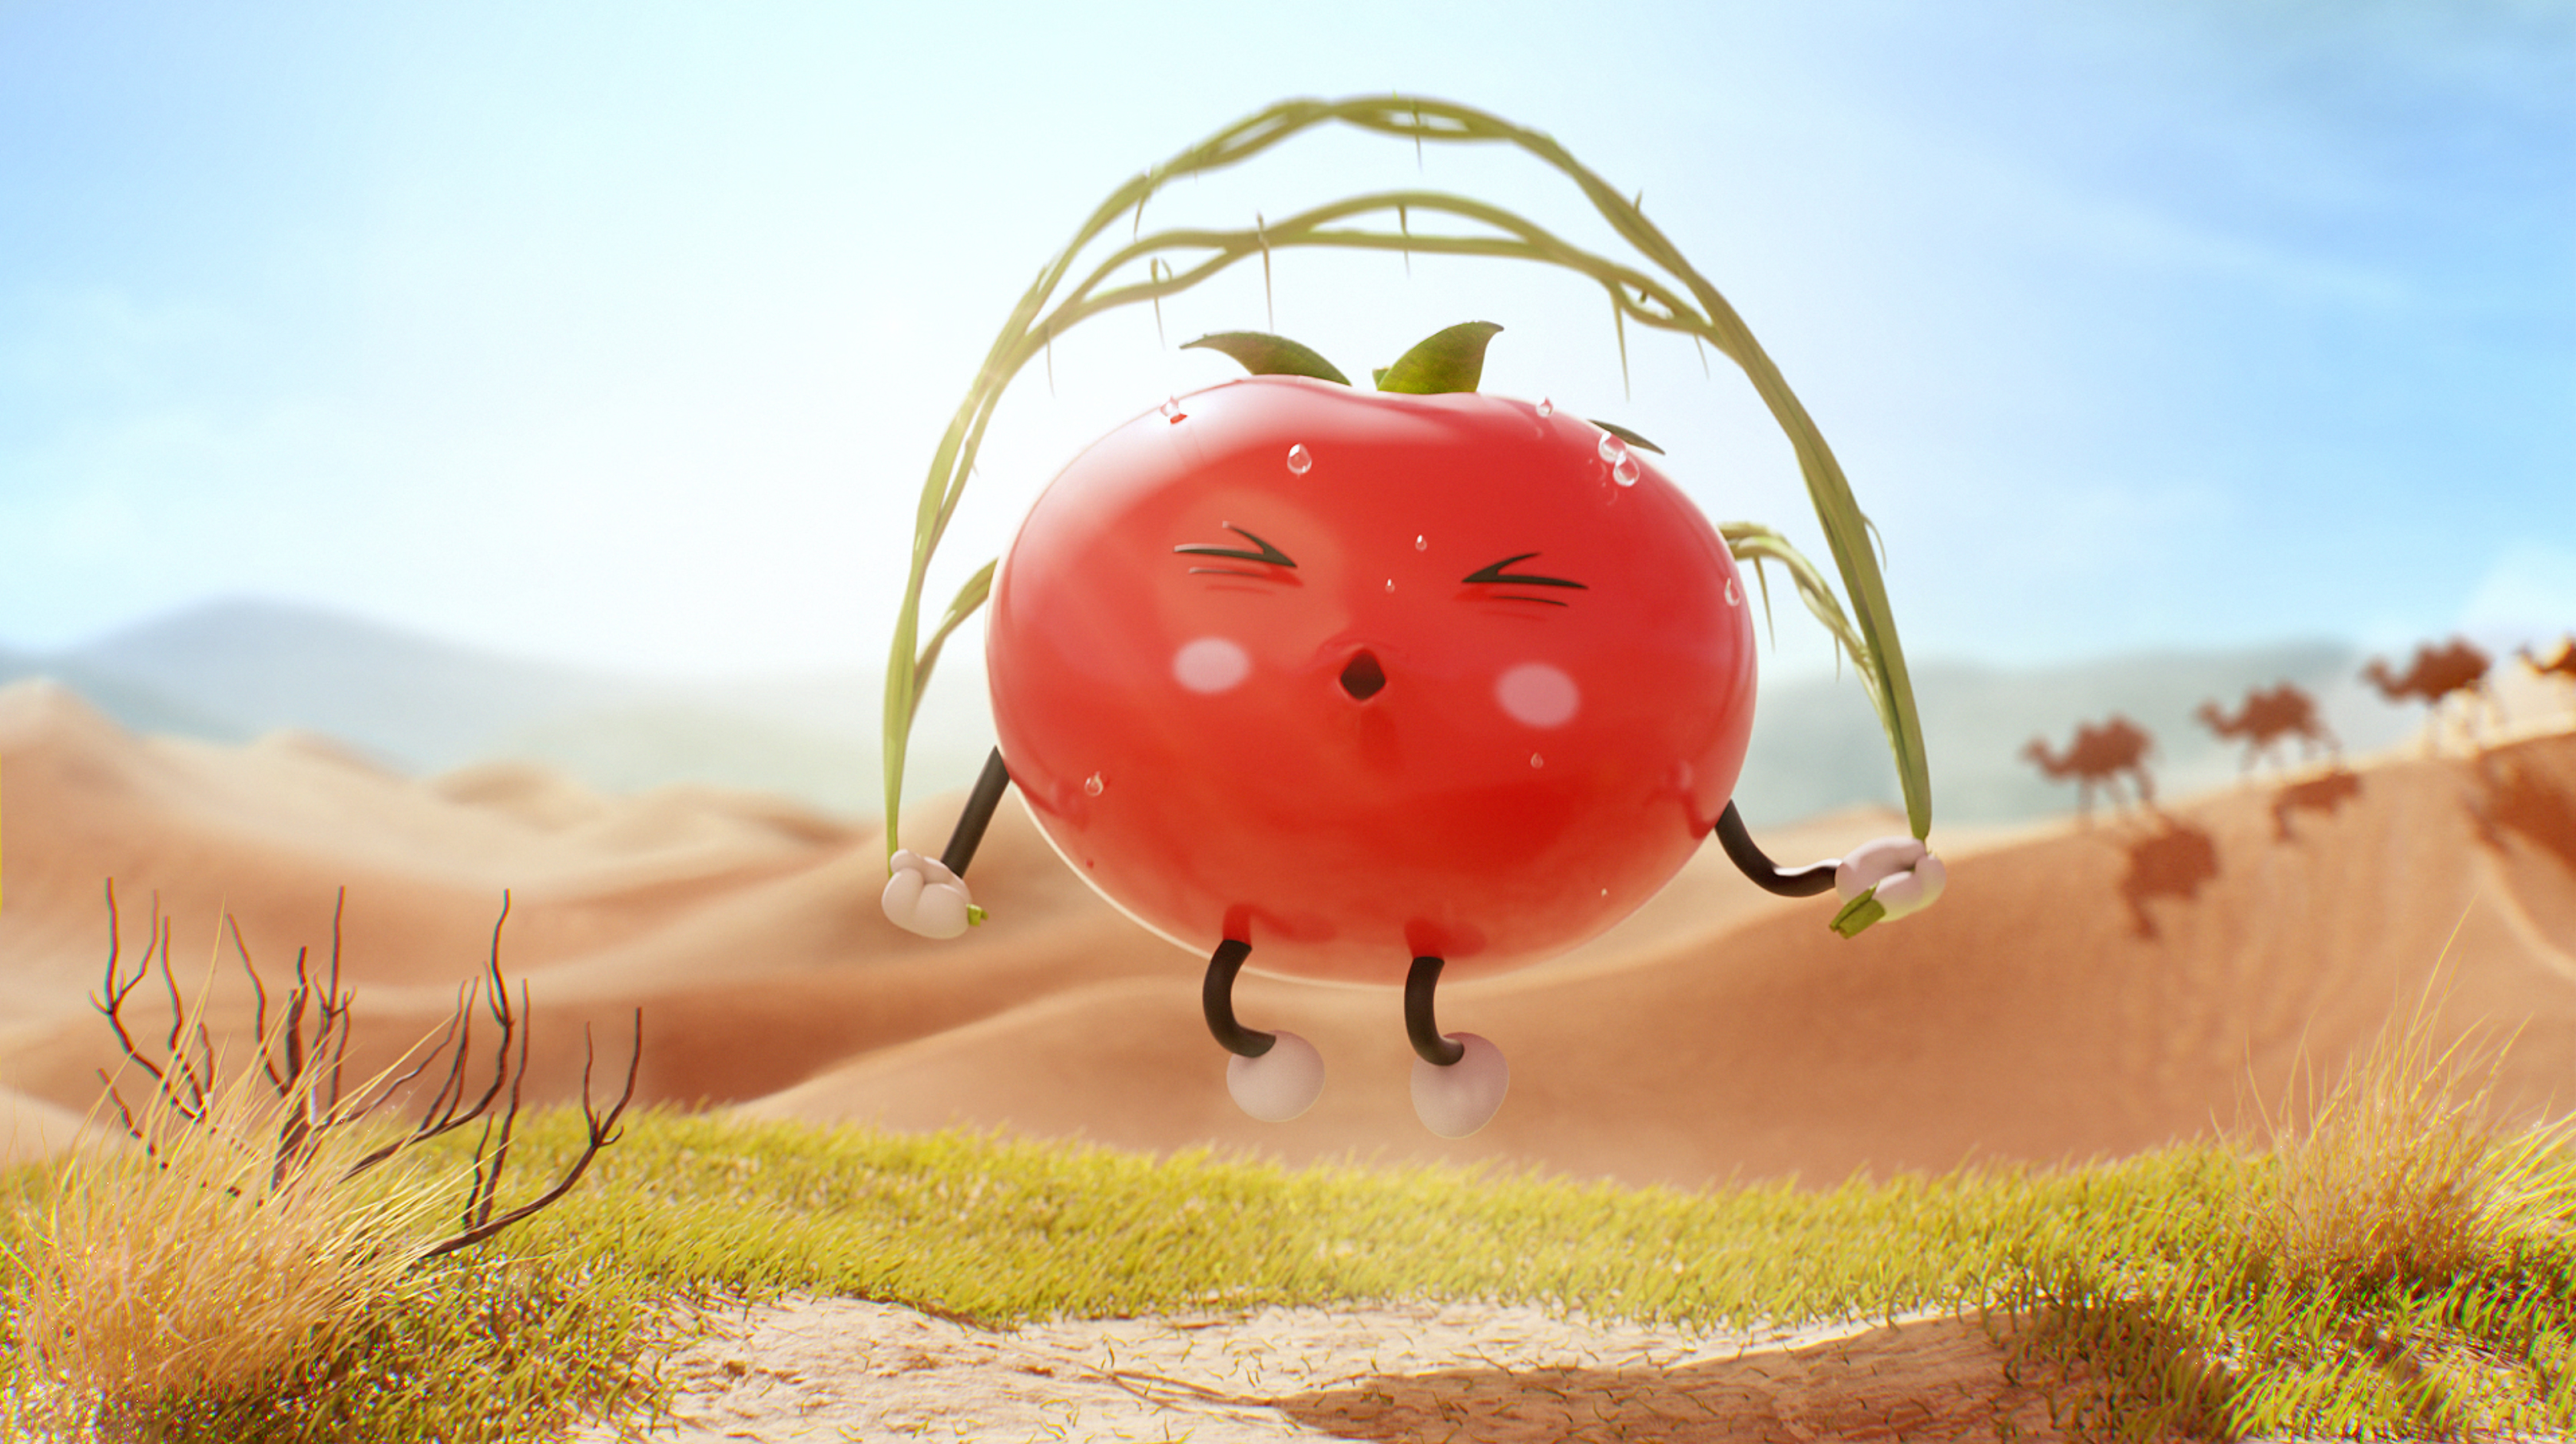 Tomato King_2